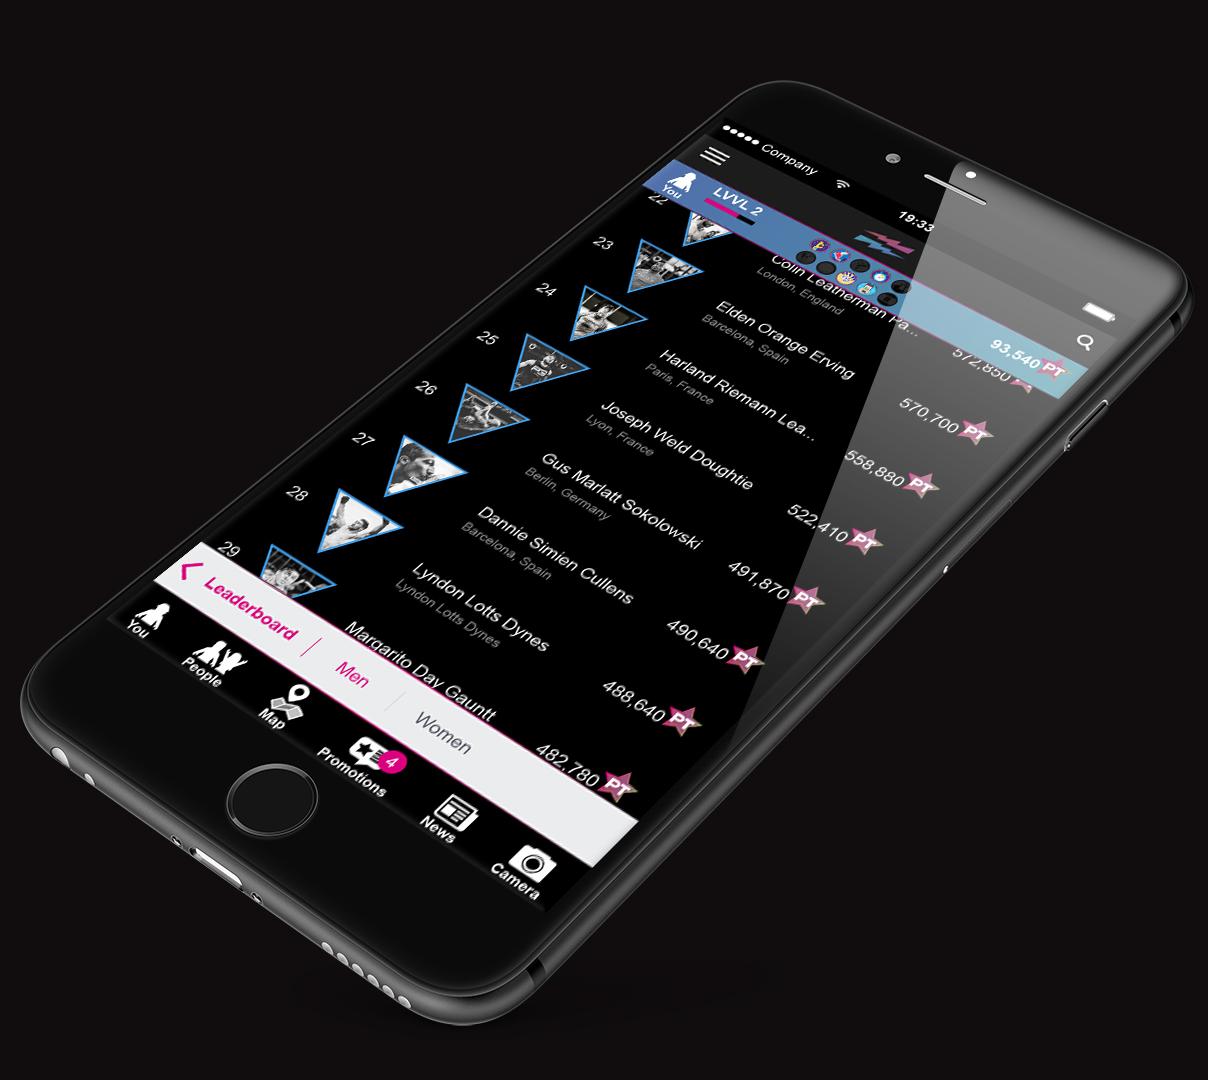 LEVVEL iPhone_Plus_app_Leaderboard2.jpg